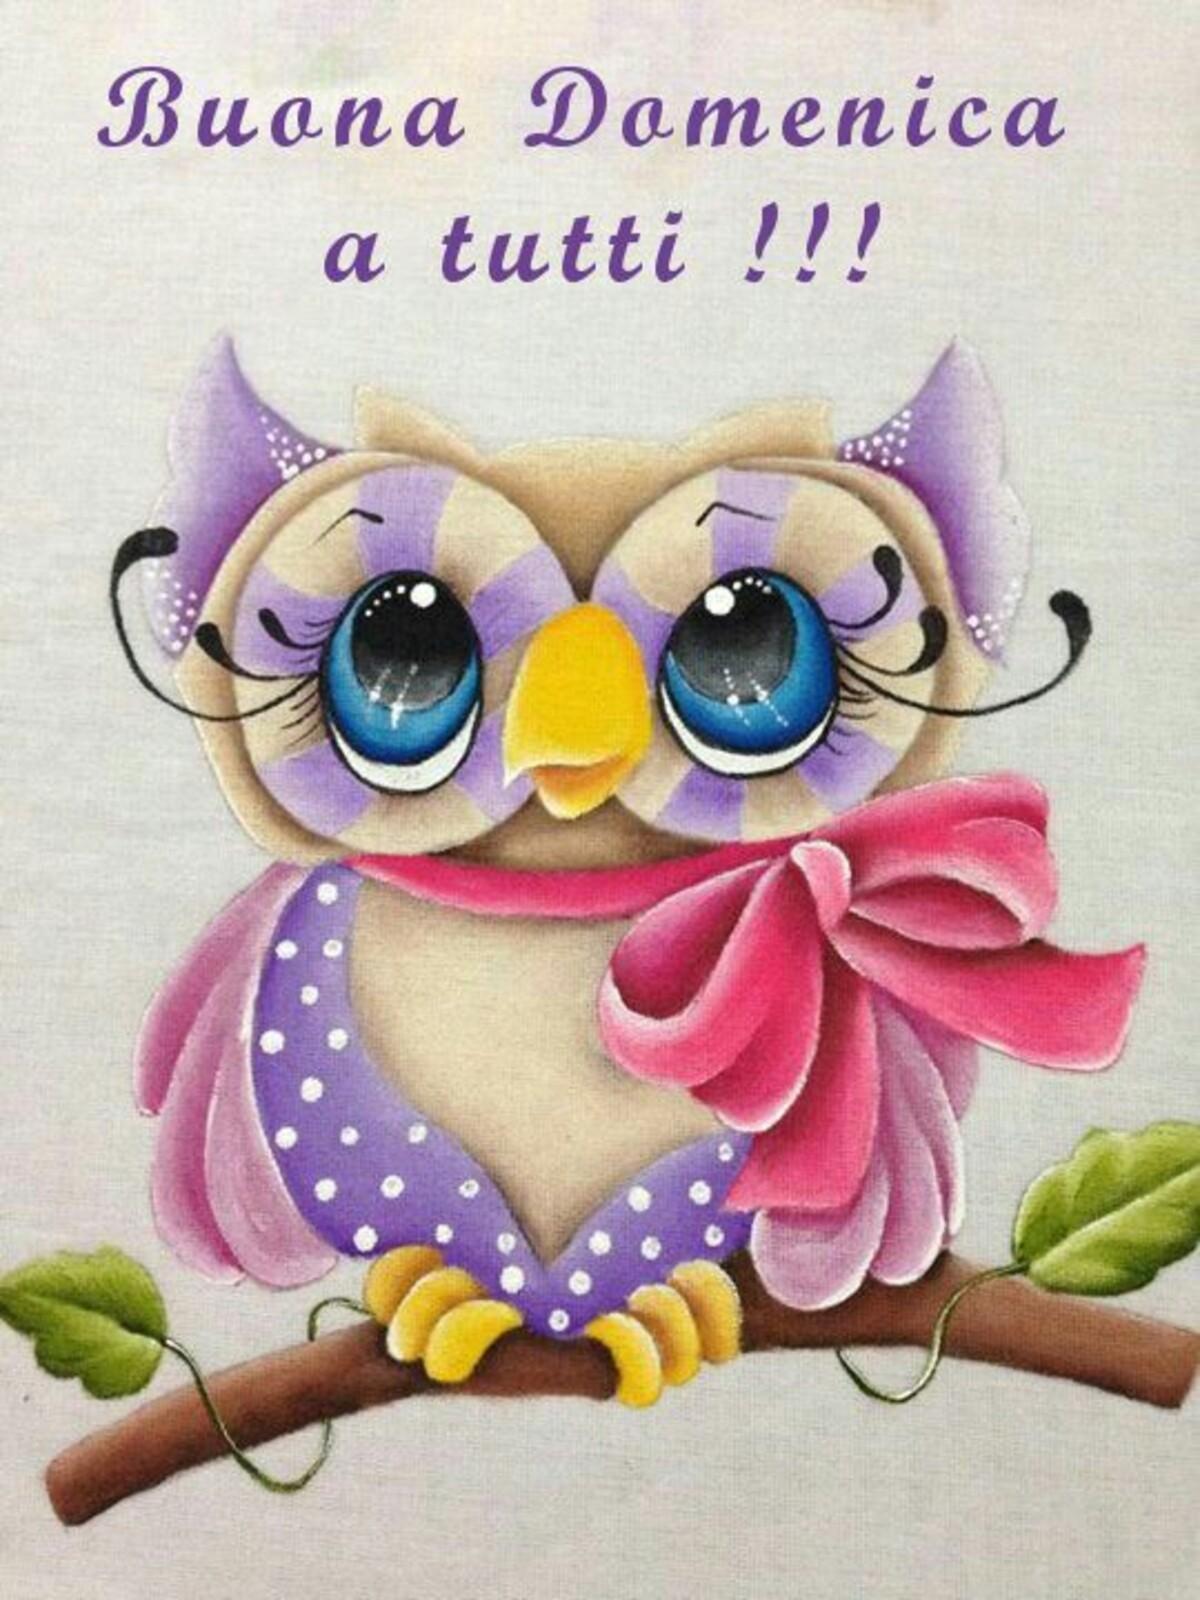 Buona Domenica a Tutti !!!